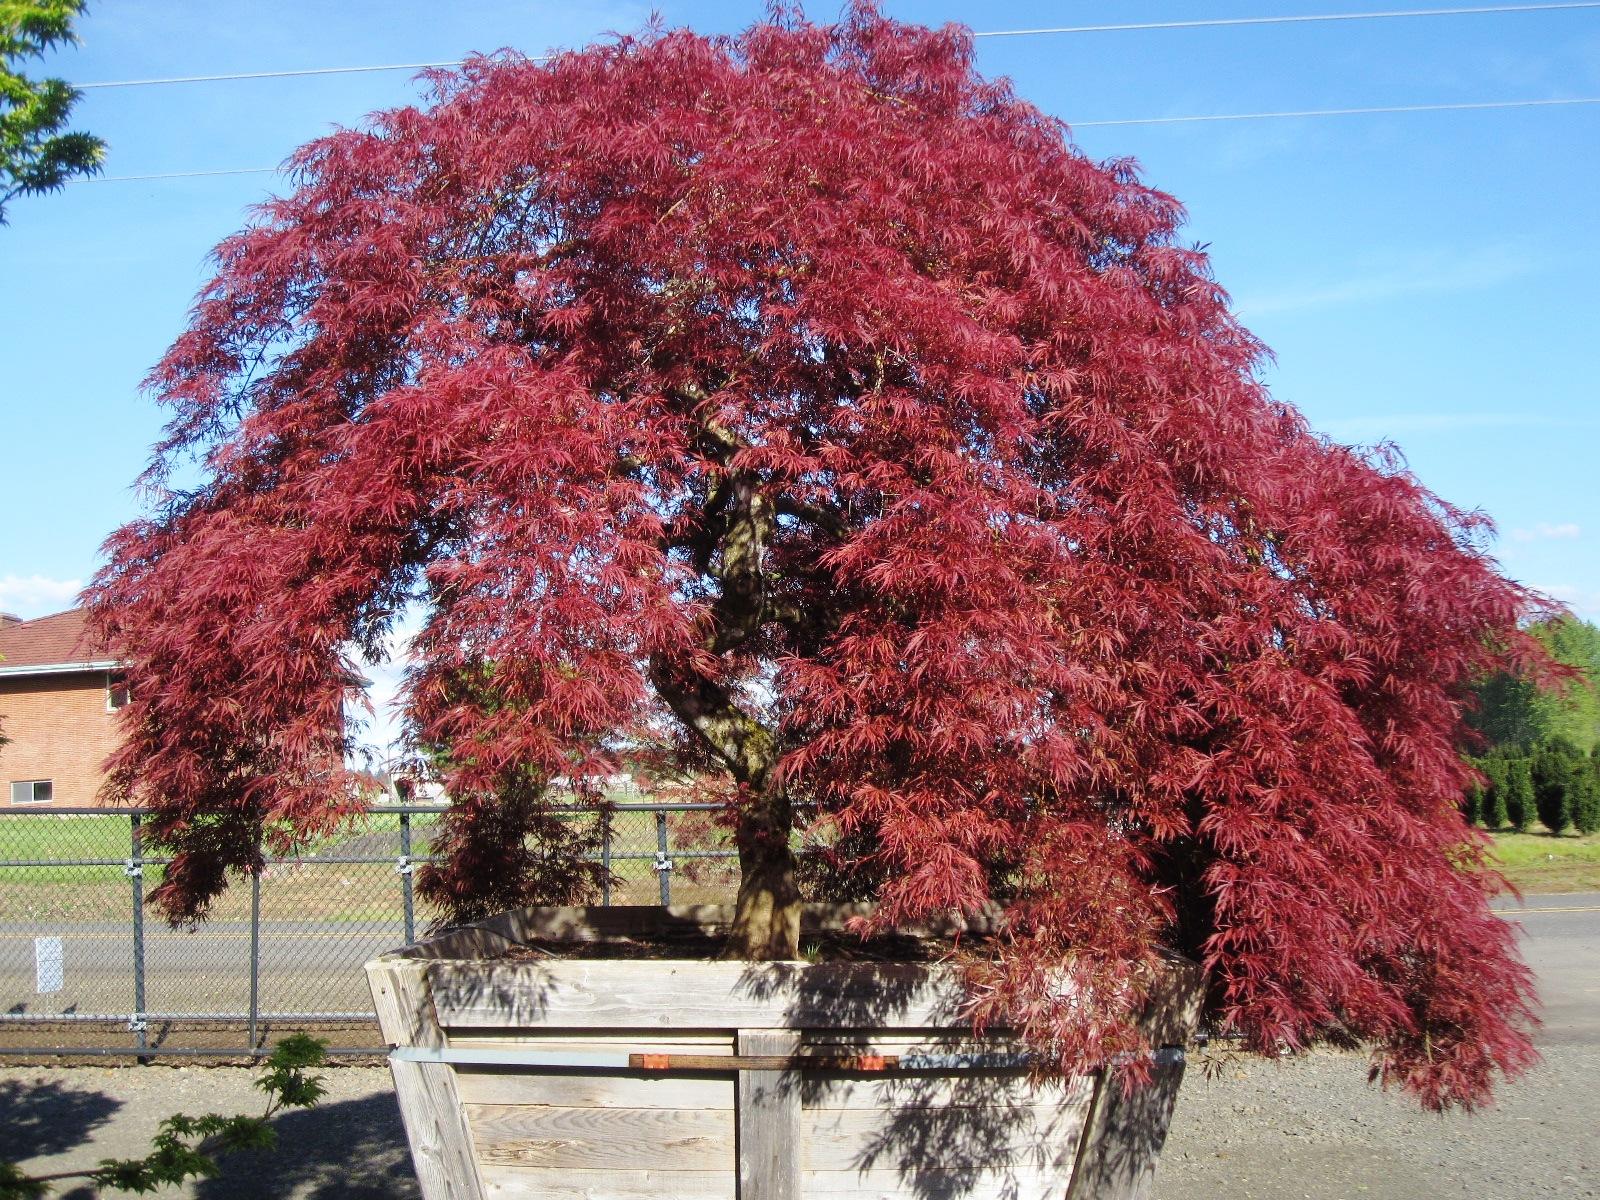 Acer palmatum var. dissectum  'Ever Red' specimen